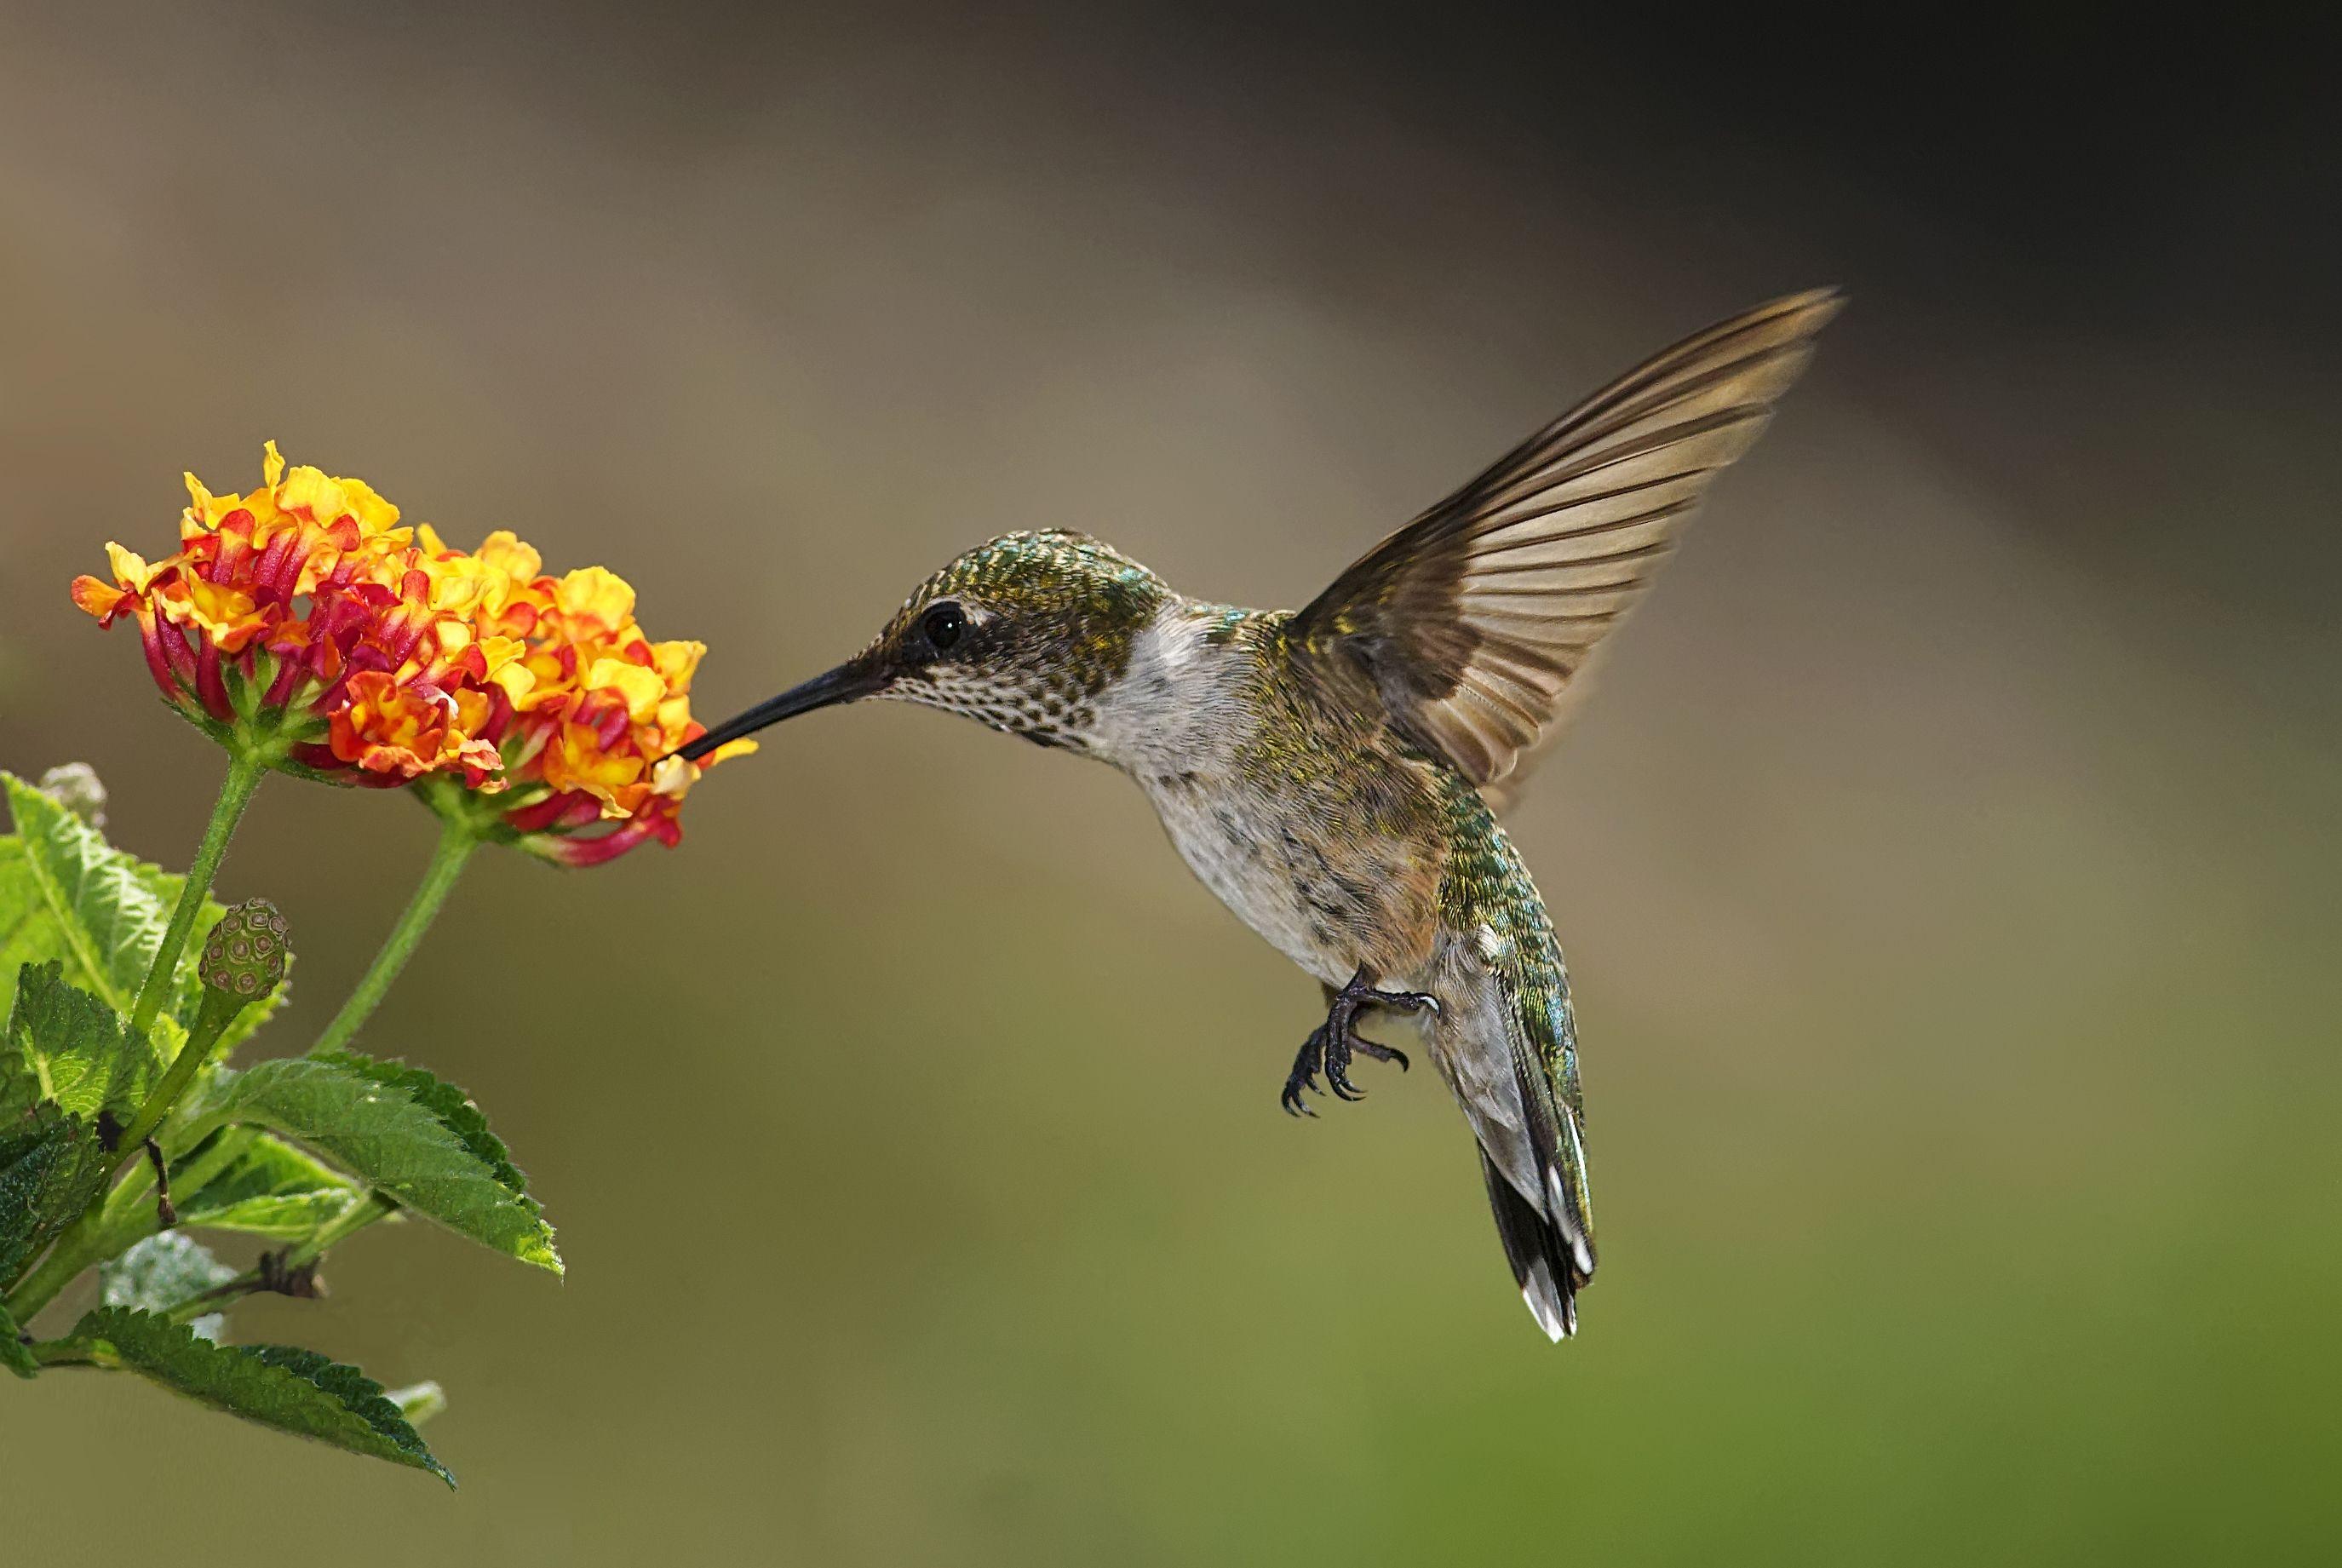 Stunning Photos Of Hummingbirds National Hummingbird Day